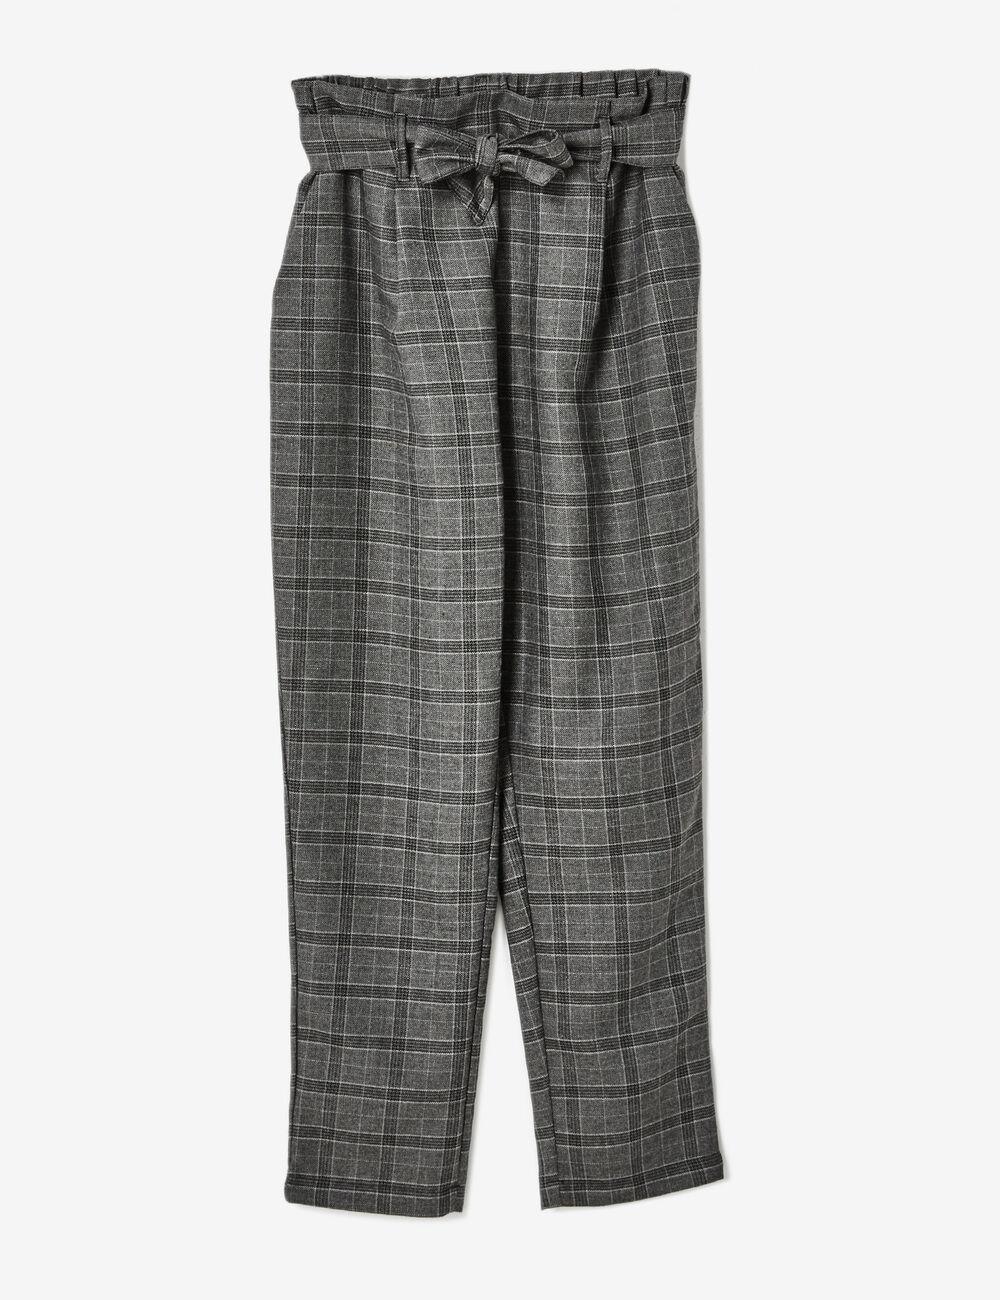 Pantalon carreaux noir et gris femme jennyfer for Pantalon a carreaux